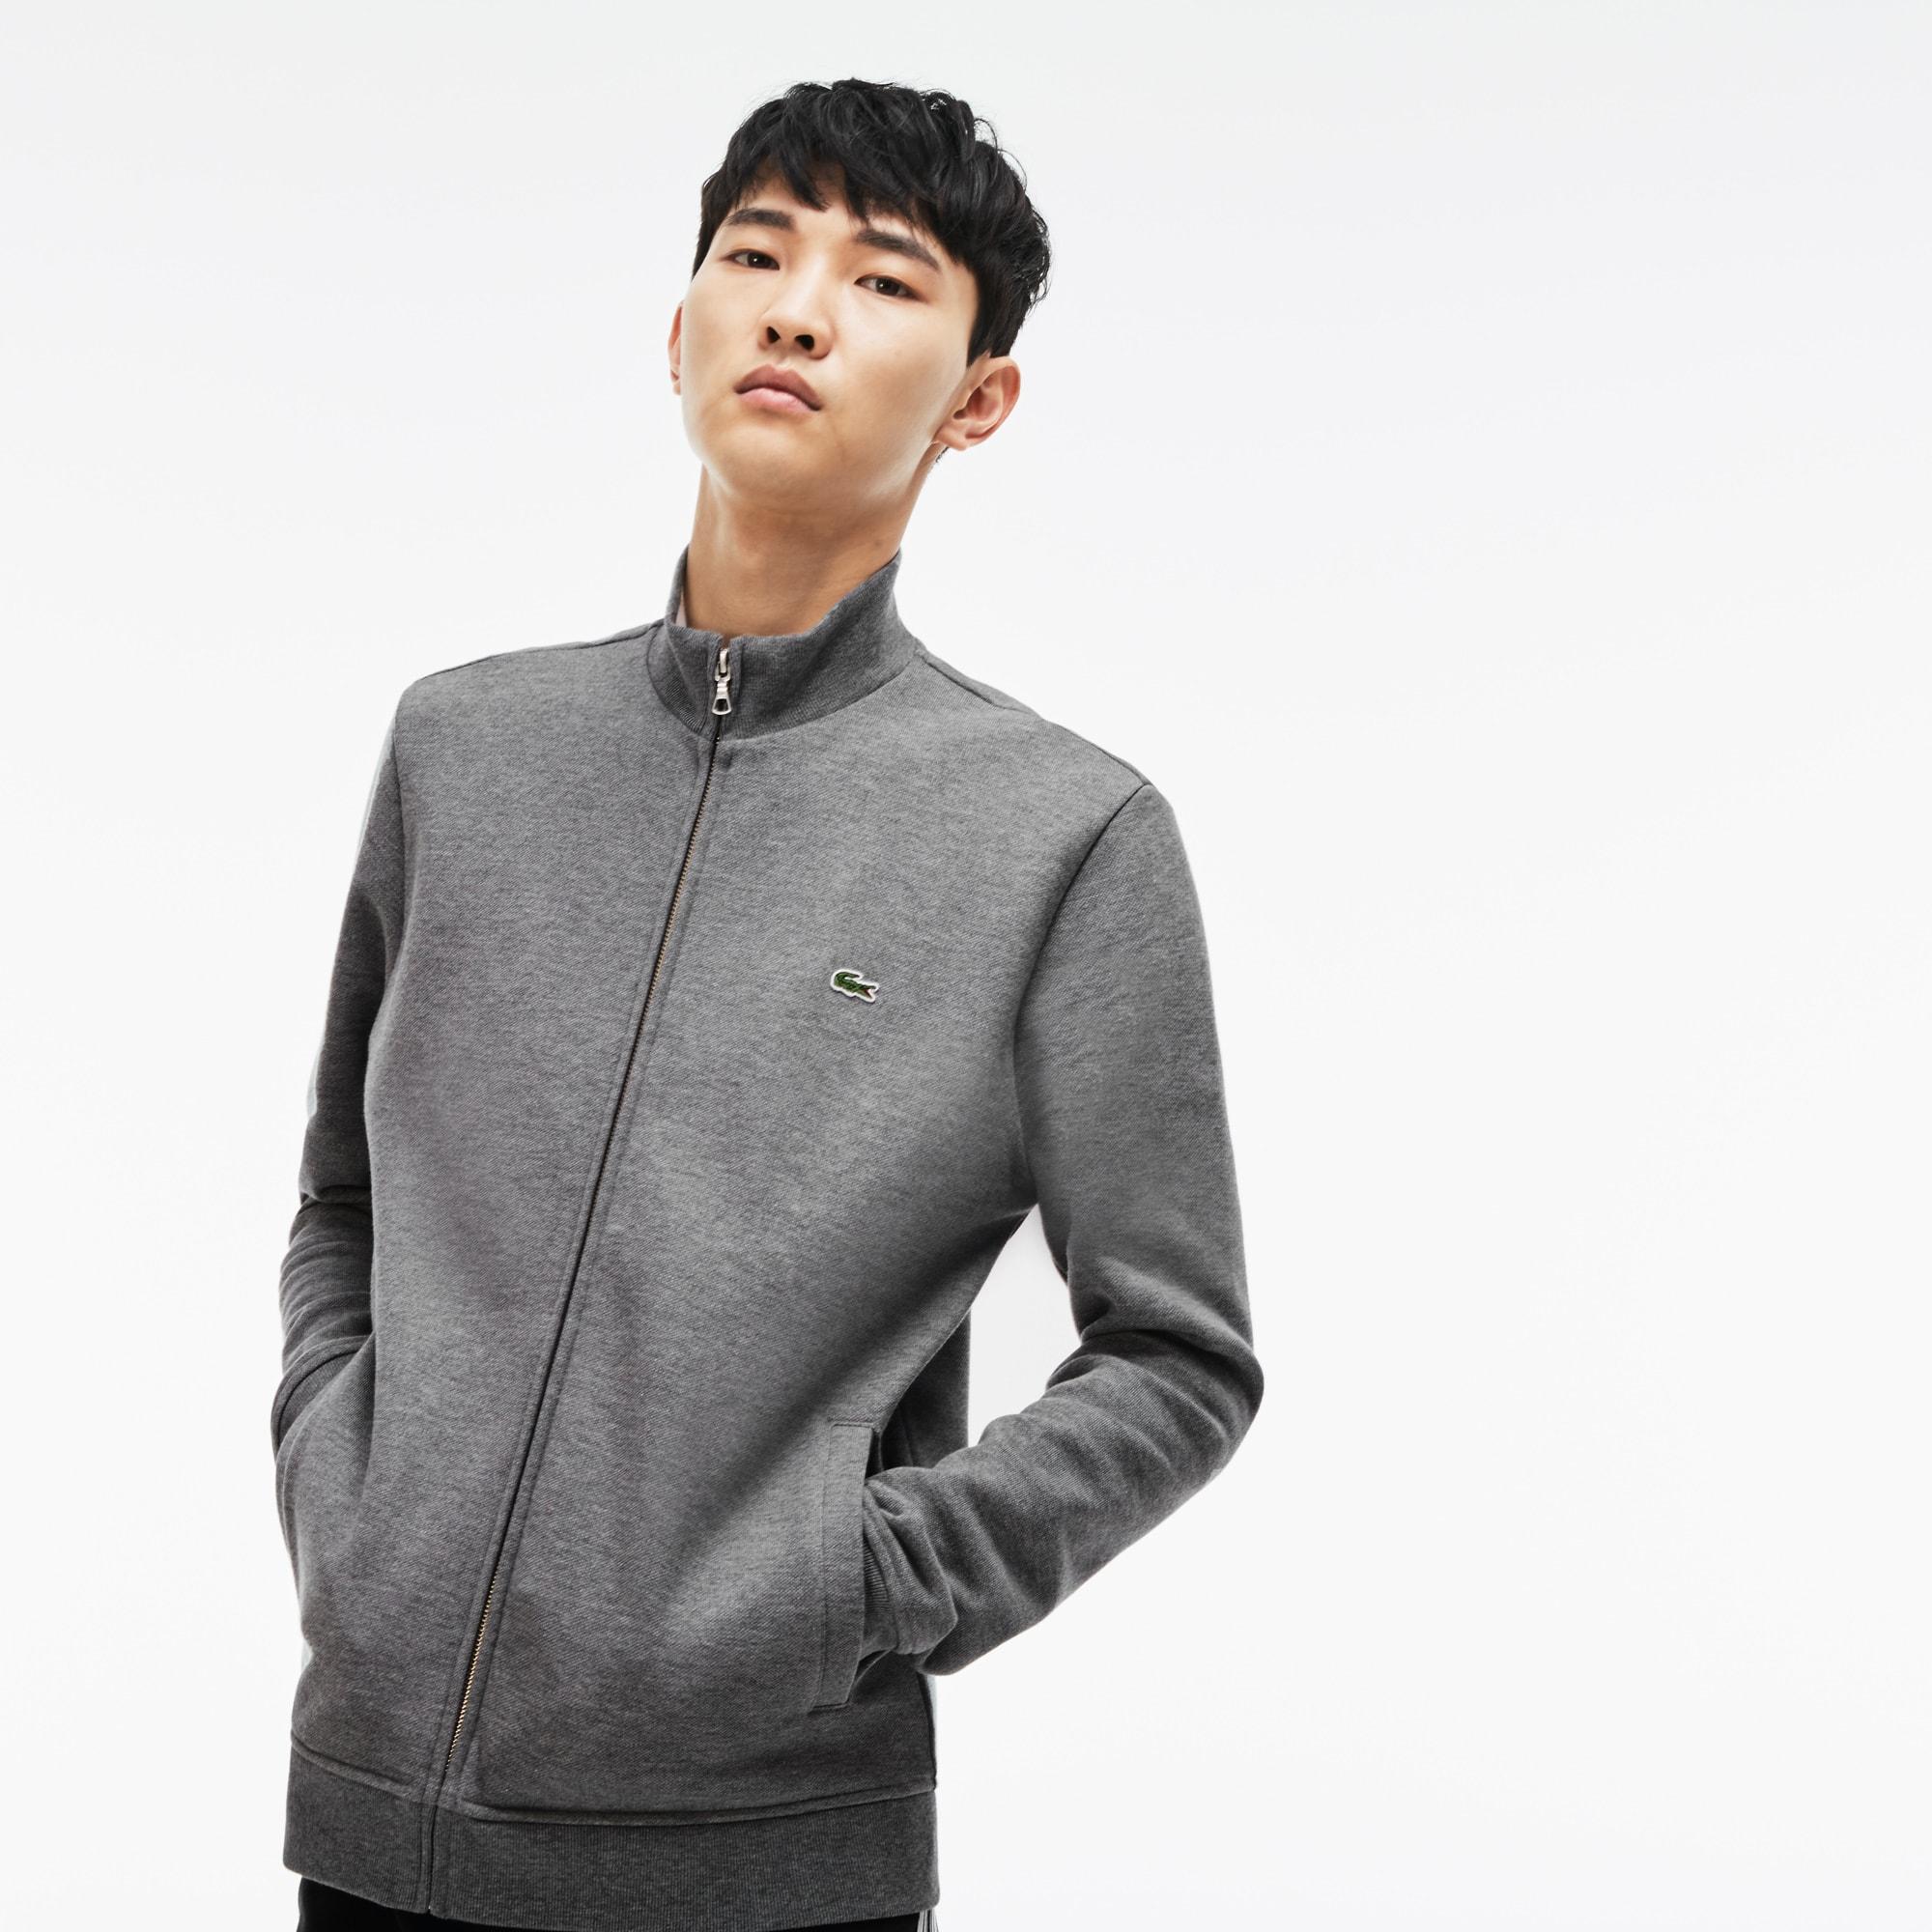 Men's Zip Stand-Up Collar Fleece Sweatshirt